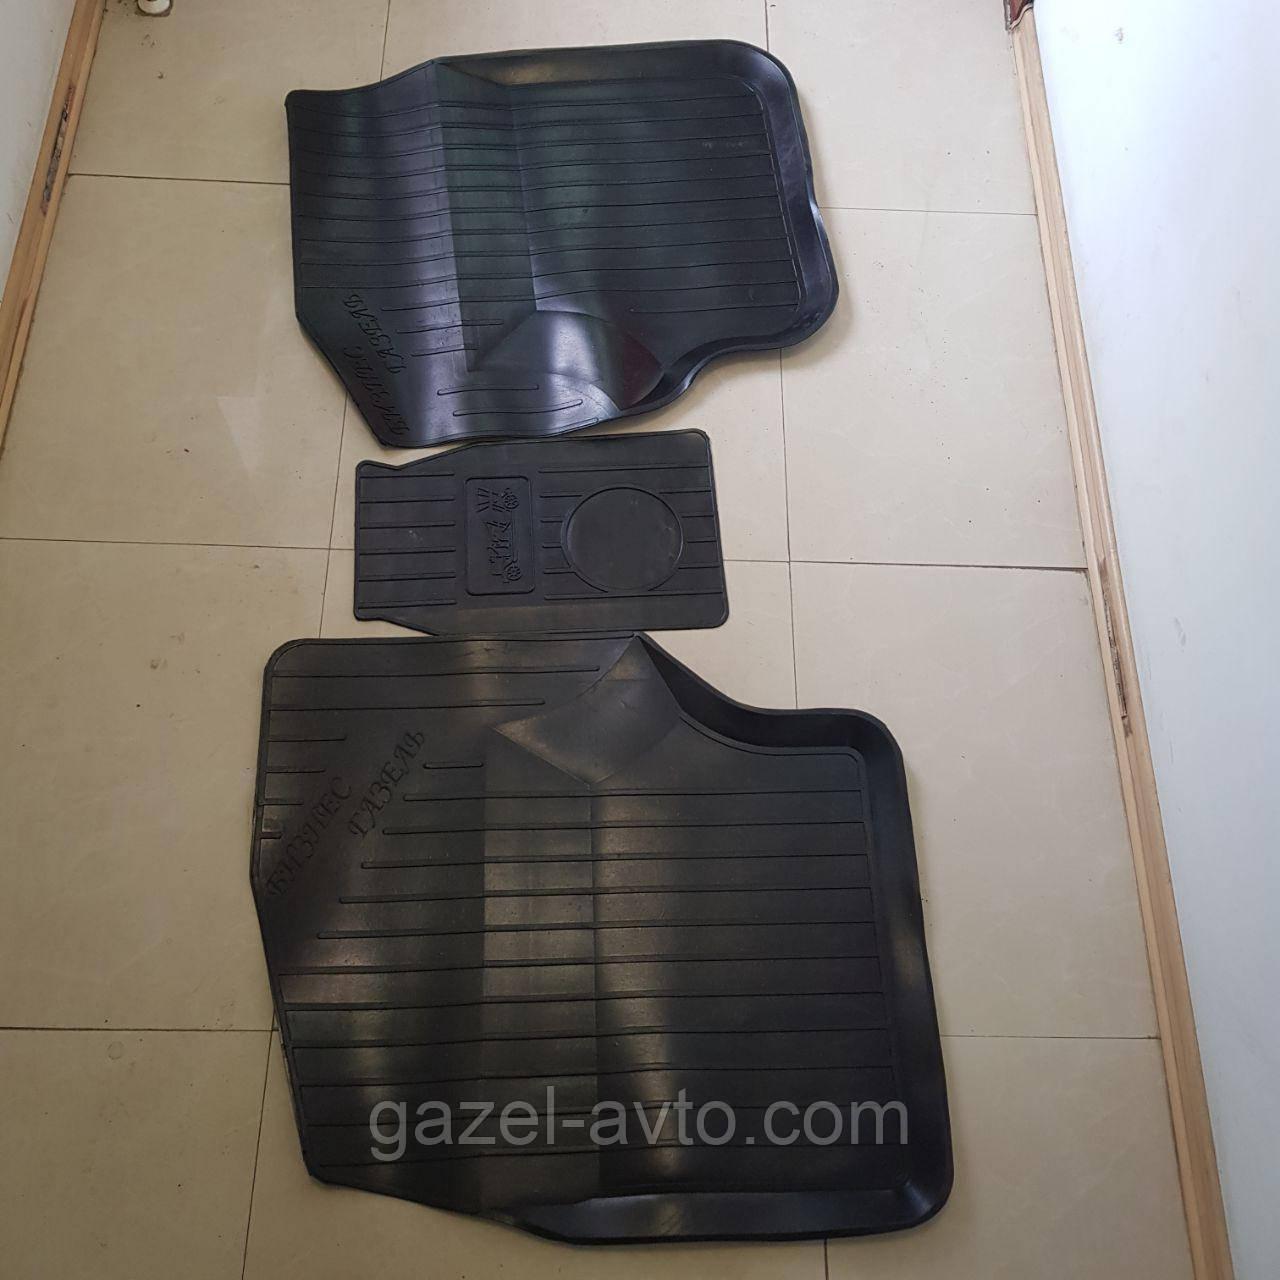 Коврики кабины резиновые Газель,Соболь (комплект 3 части)